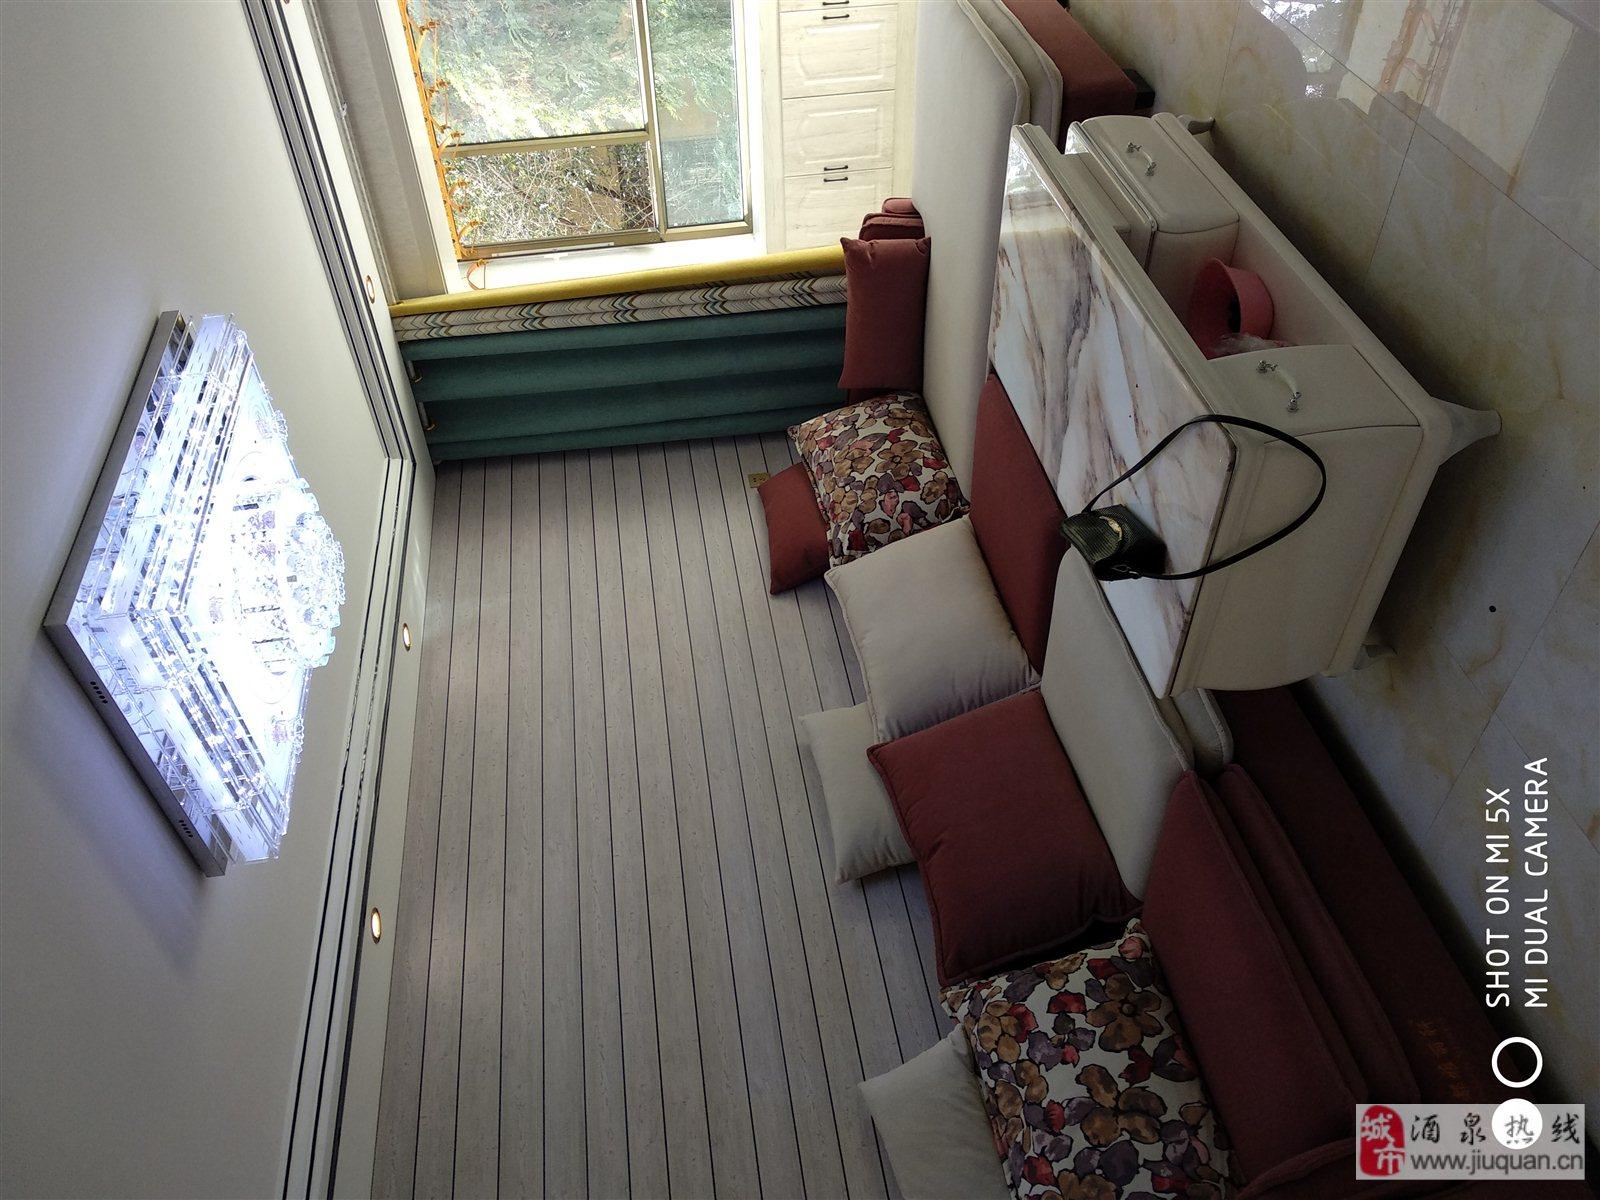 彩虹桥西侧精装地暖房按揭急售2室 2厅 1卫37.8万元